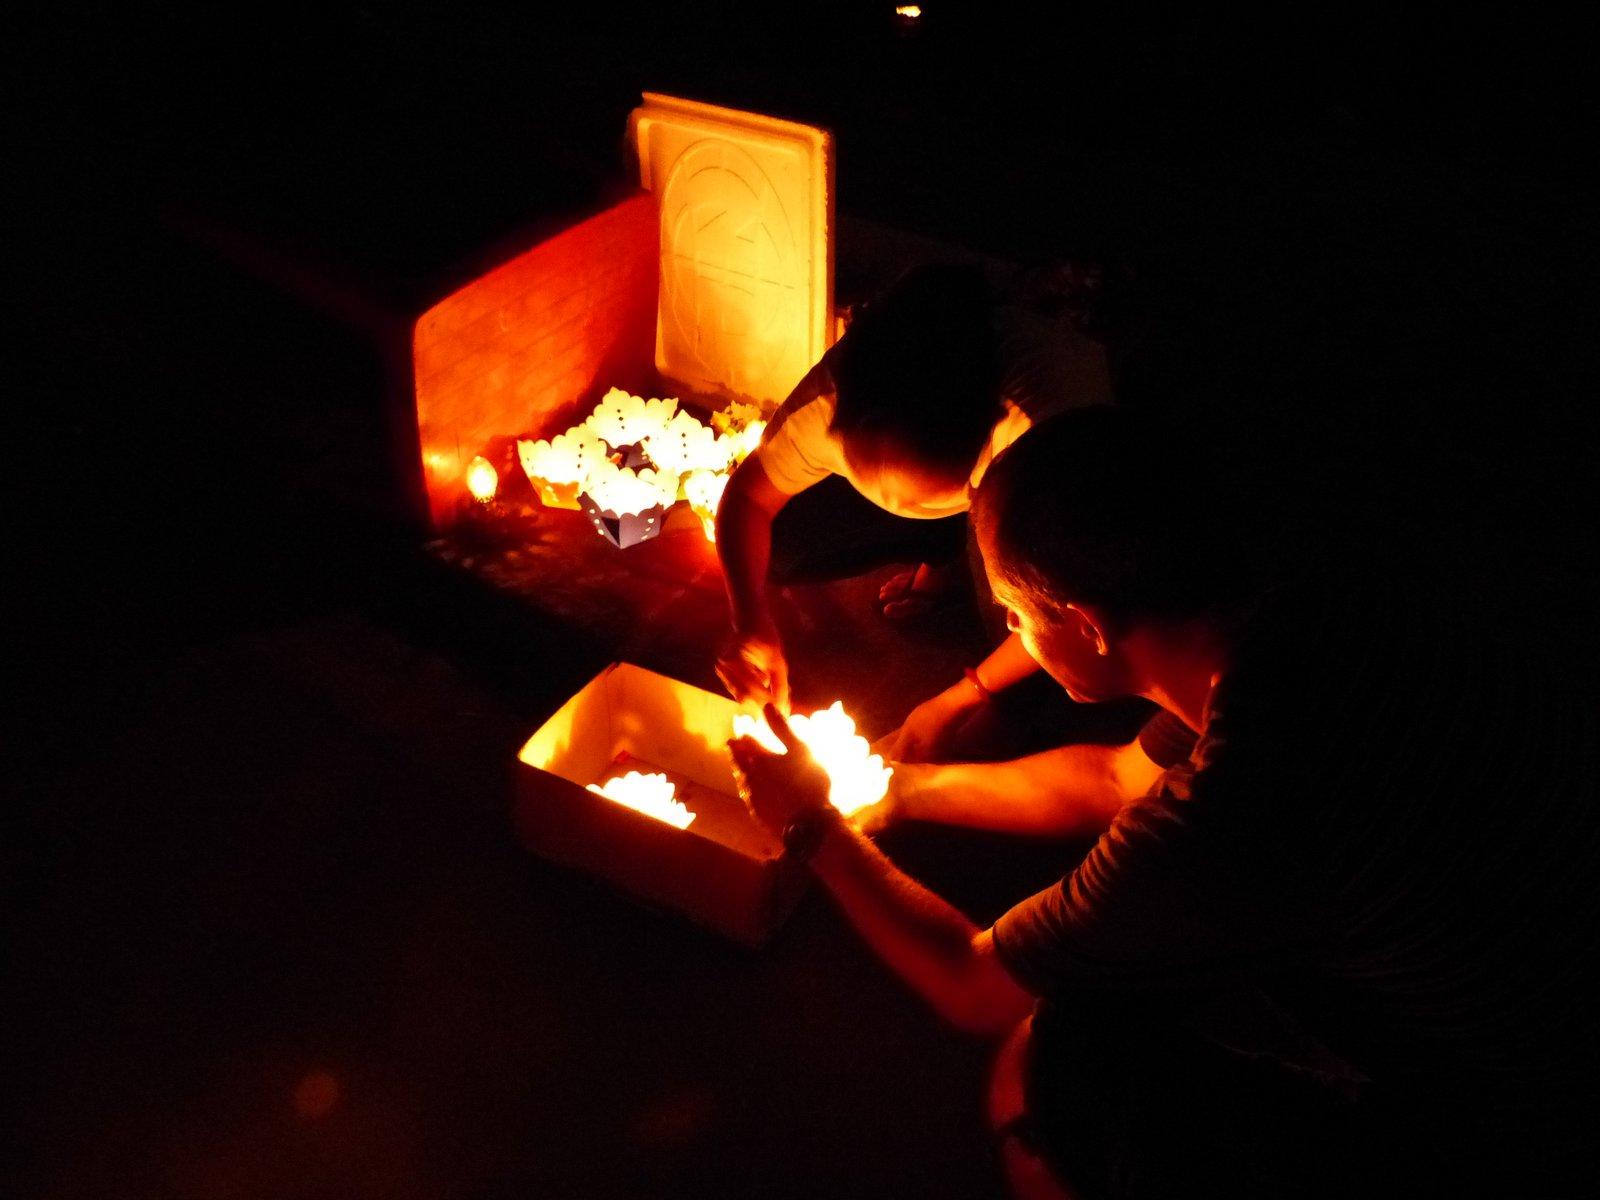 Kyle getting his lantern lit.